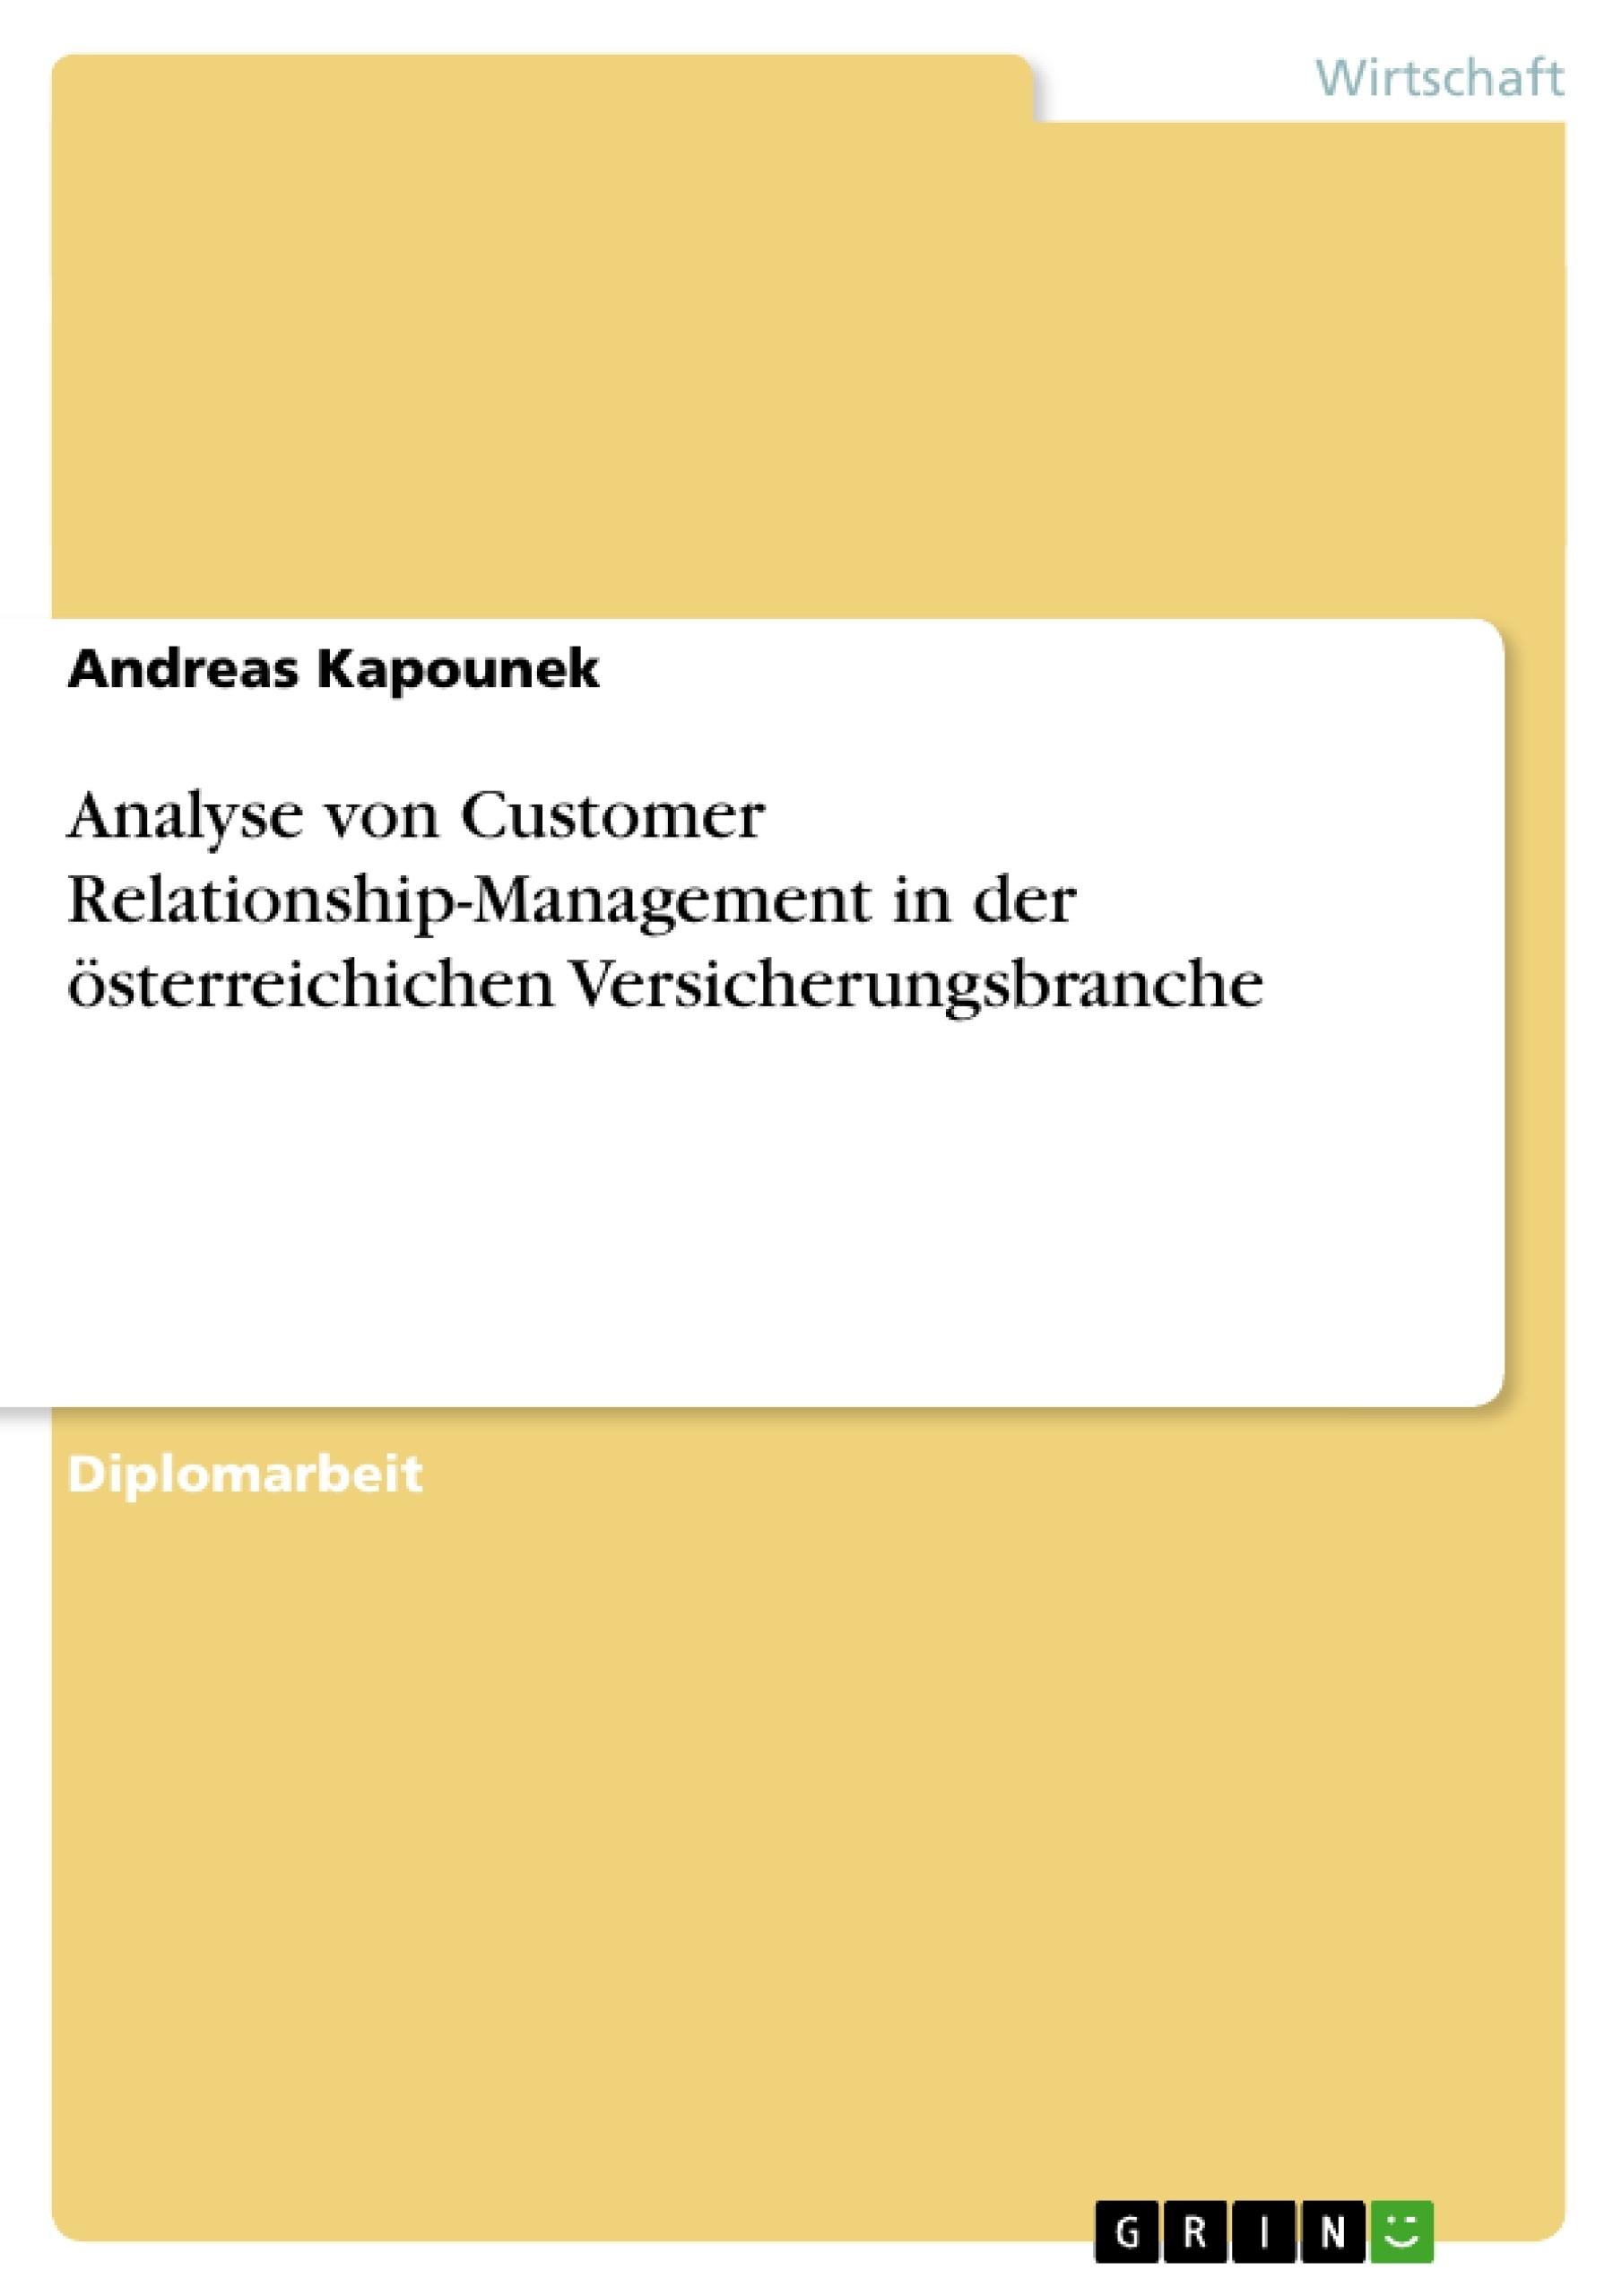 Titel: Analyse von Customer Relationship-Management in der österreichichen Versicherungsbranche